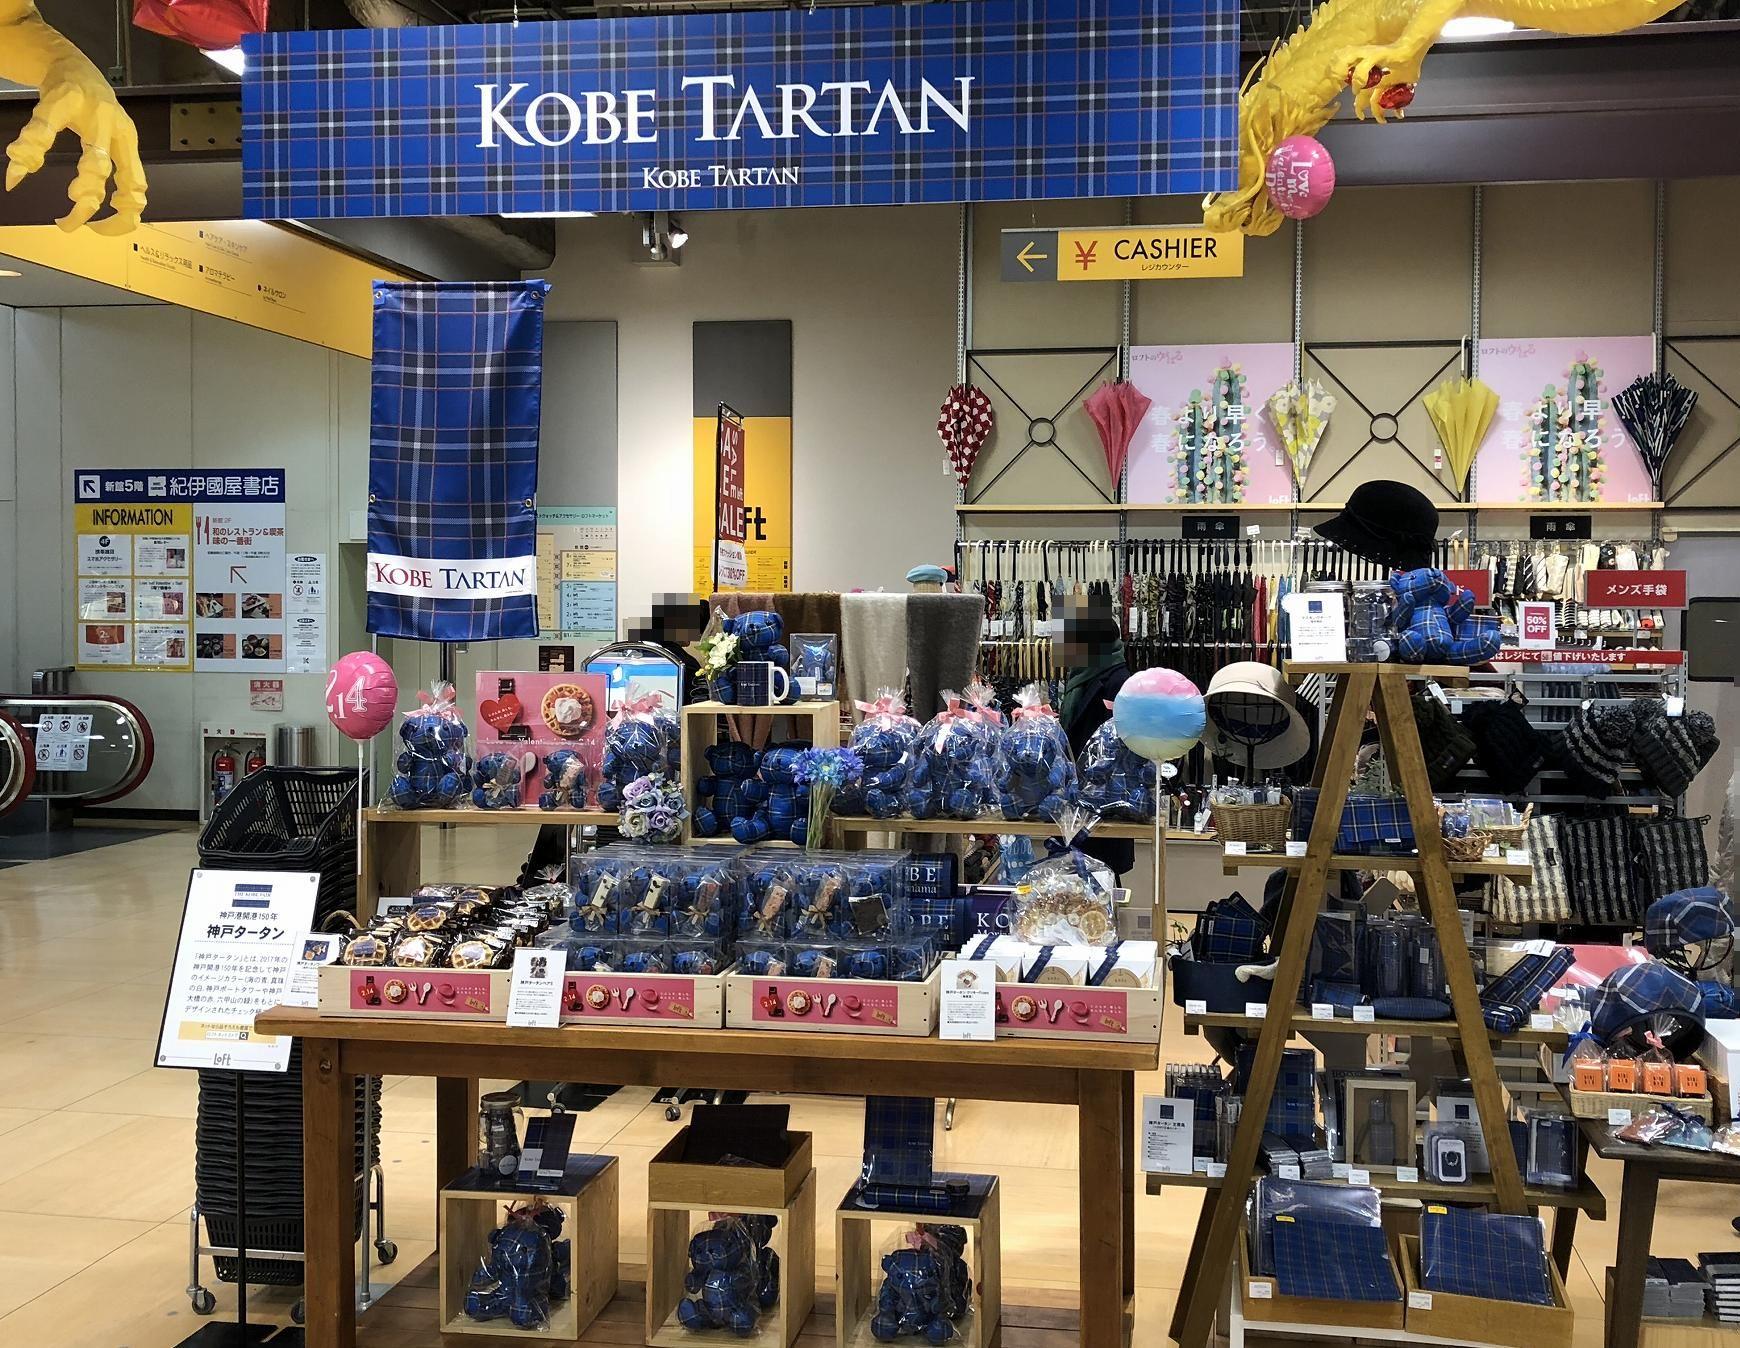 三宮・神戸ロフトで「 #神戸タータンフェア 」が開催中だよ!#神戸タータン #神戸開港150年 #KOBETARTAN #神戸ロフト